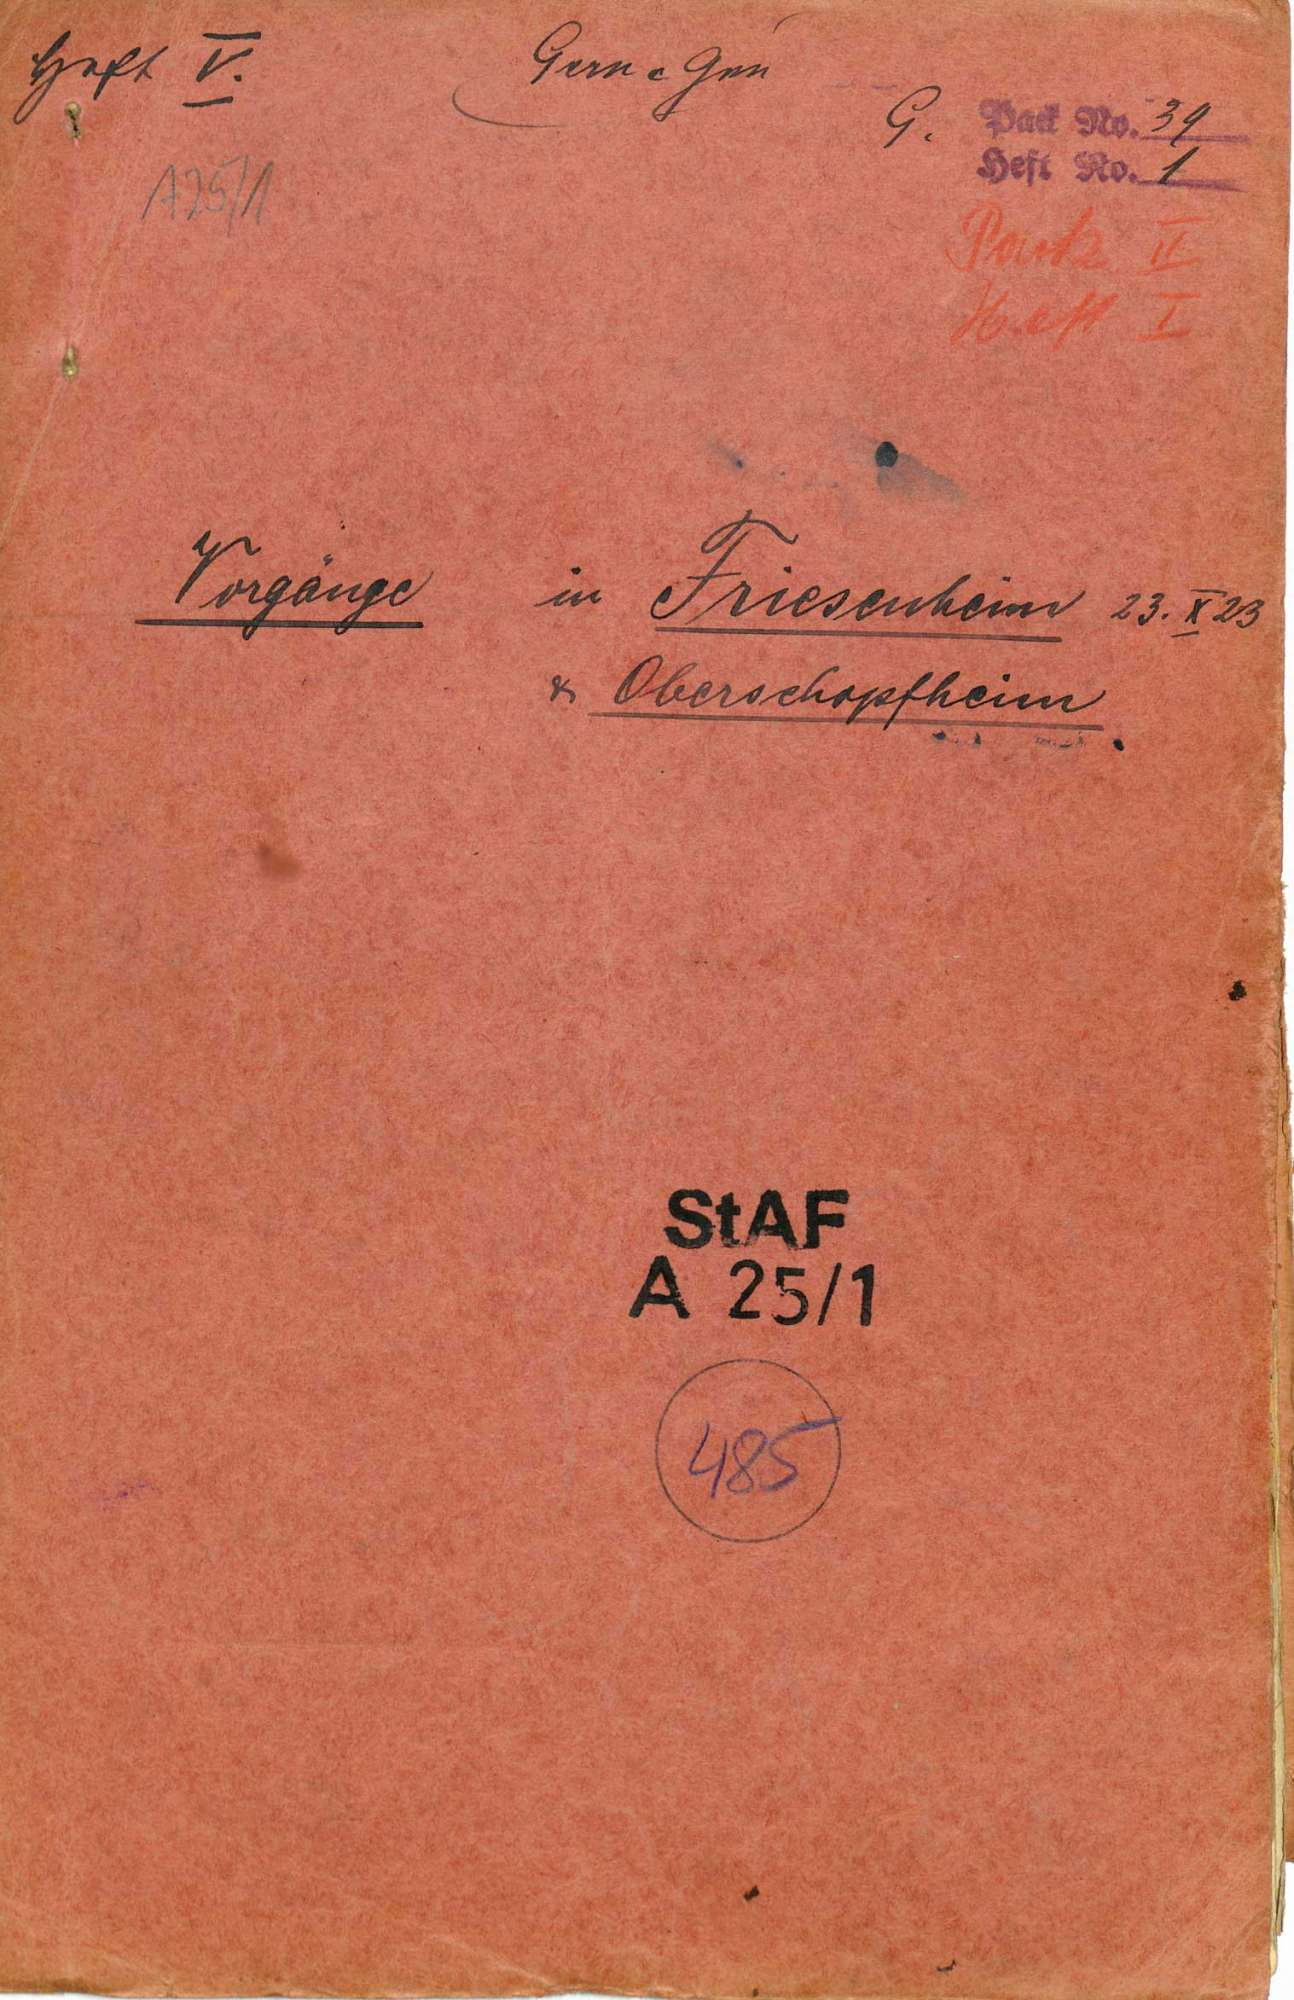 Strafsache gegen Wilhelm Gern, Lahr, und weitere 10 Angeklagte wegen Aufruhr, Teilnahme an bewaffneten Haufen, unerlaubter Waffenbesitz, Widerstand (Lahrer Unruhen, Oktober 1923), Bild 1